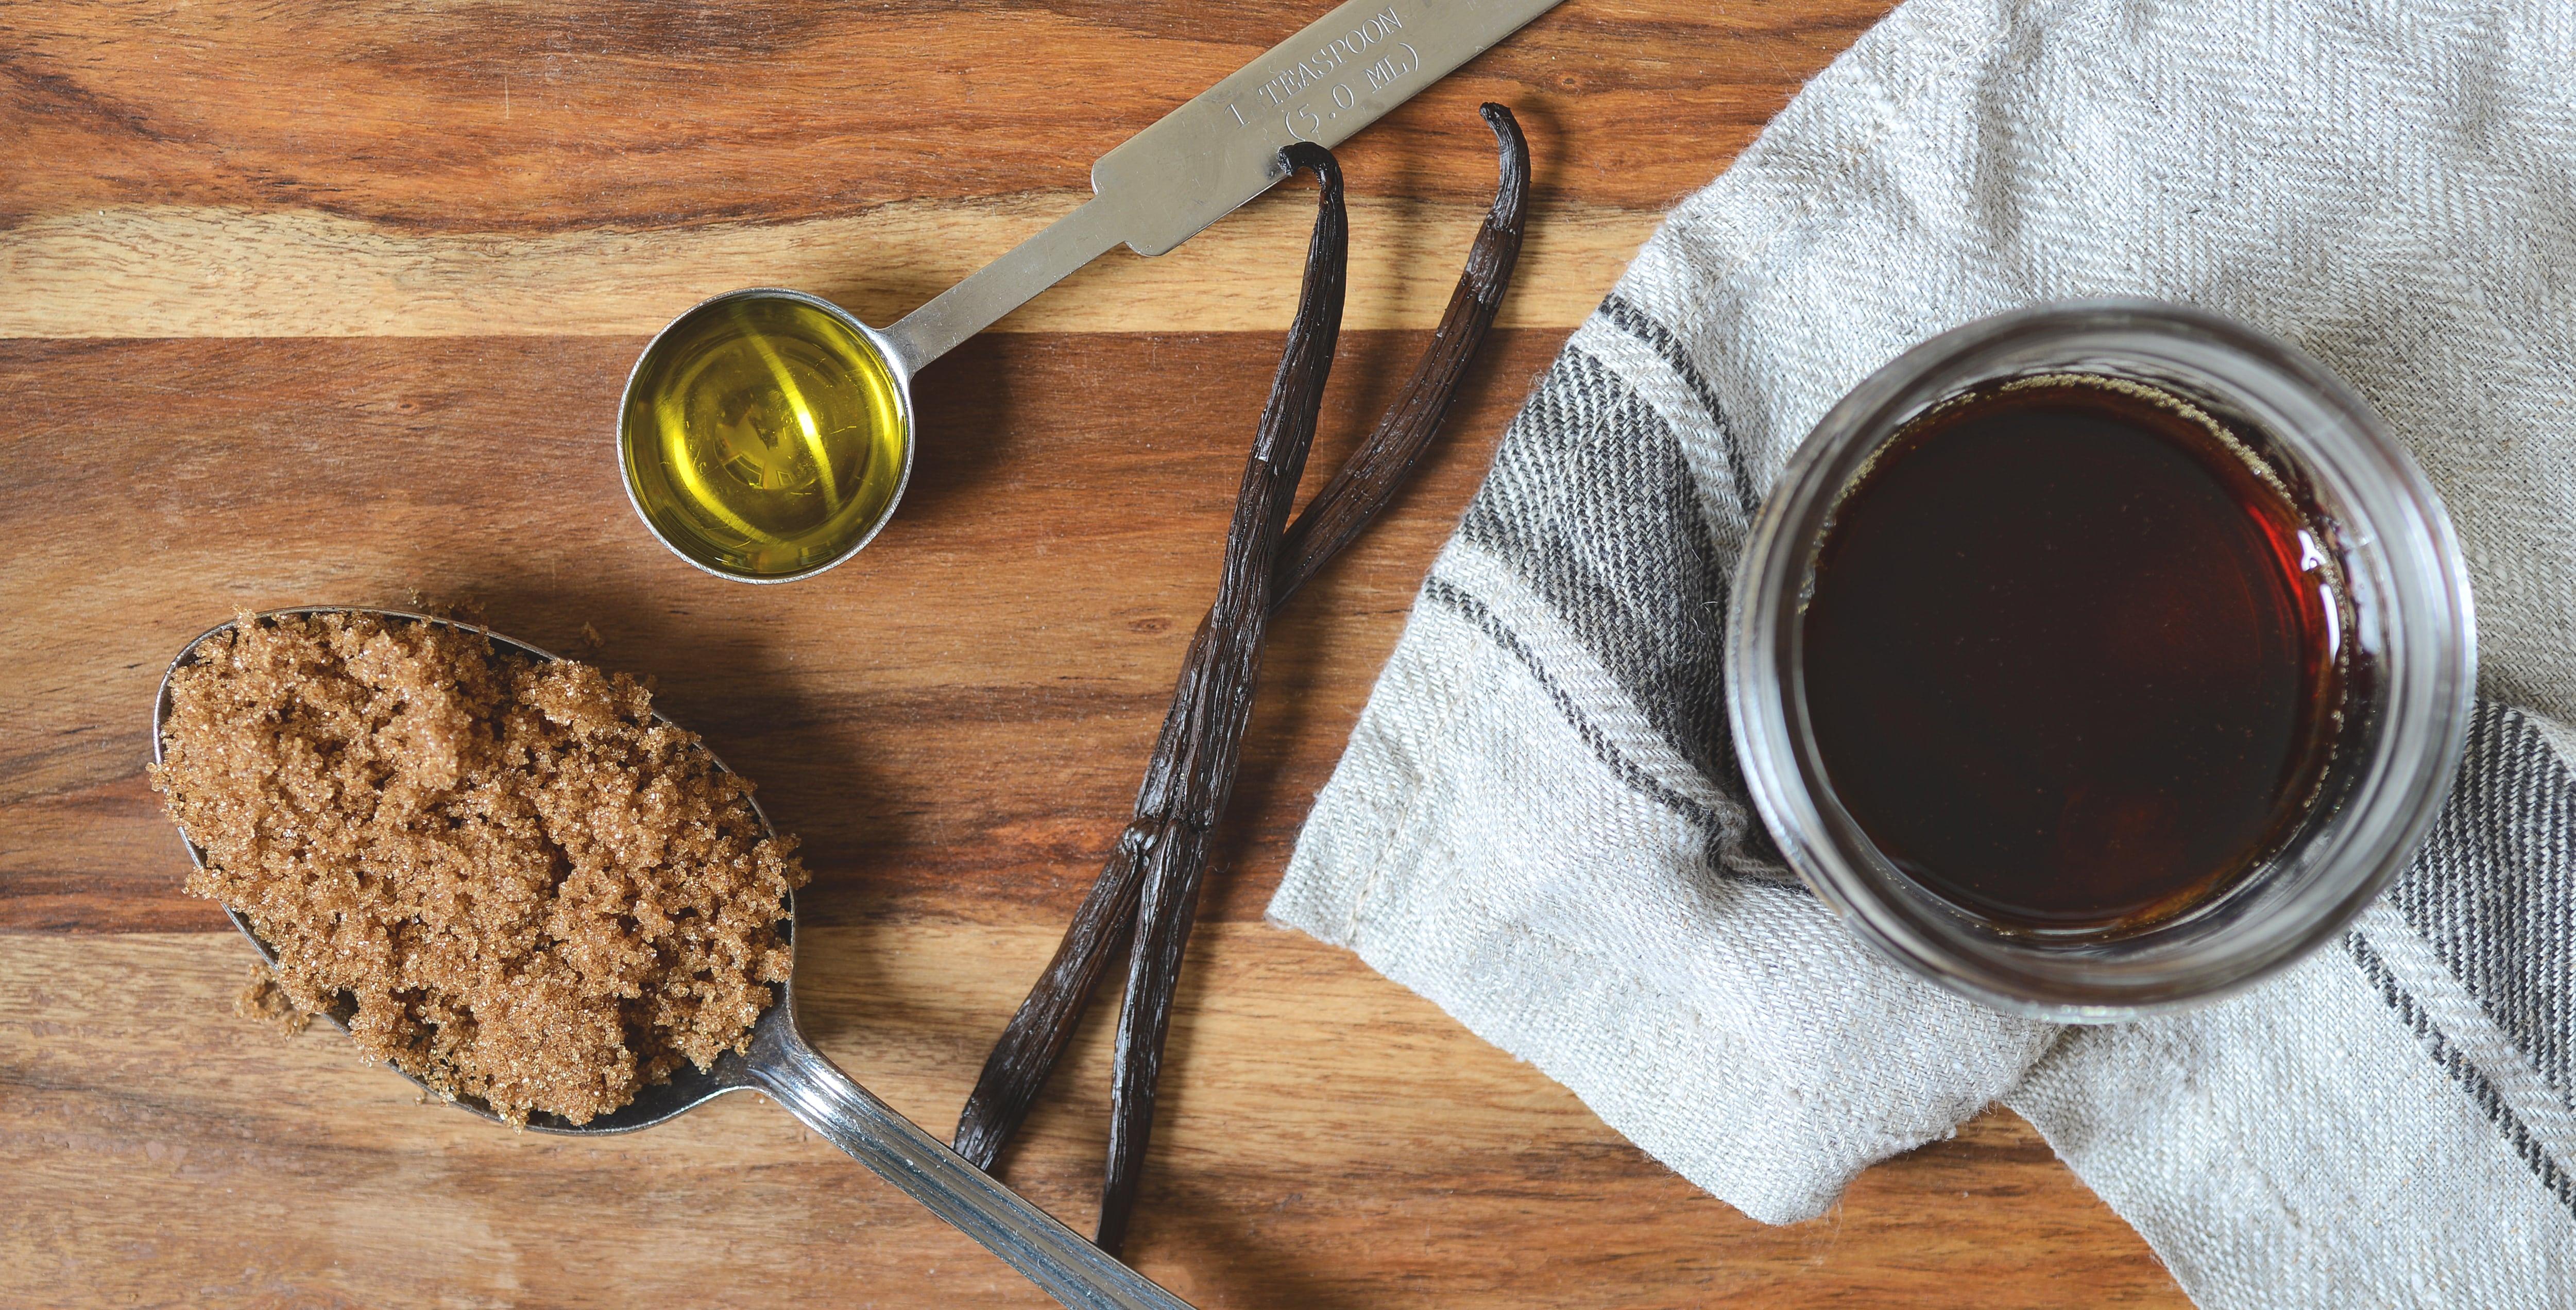 Exfoliant sirop d'érable, recette, bien-être, moi d'abord, boîte mensuelle, santé